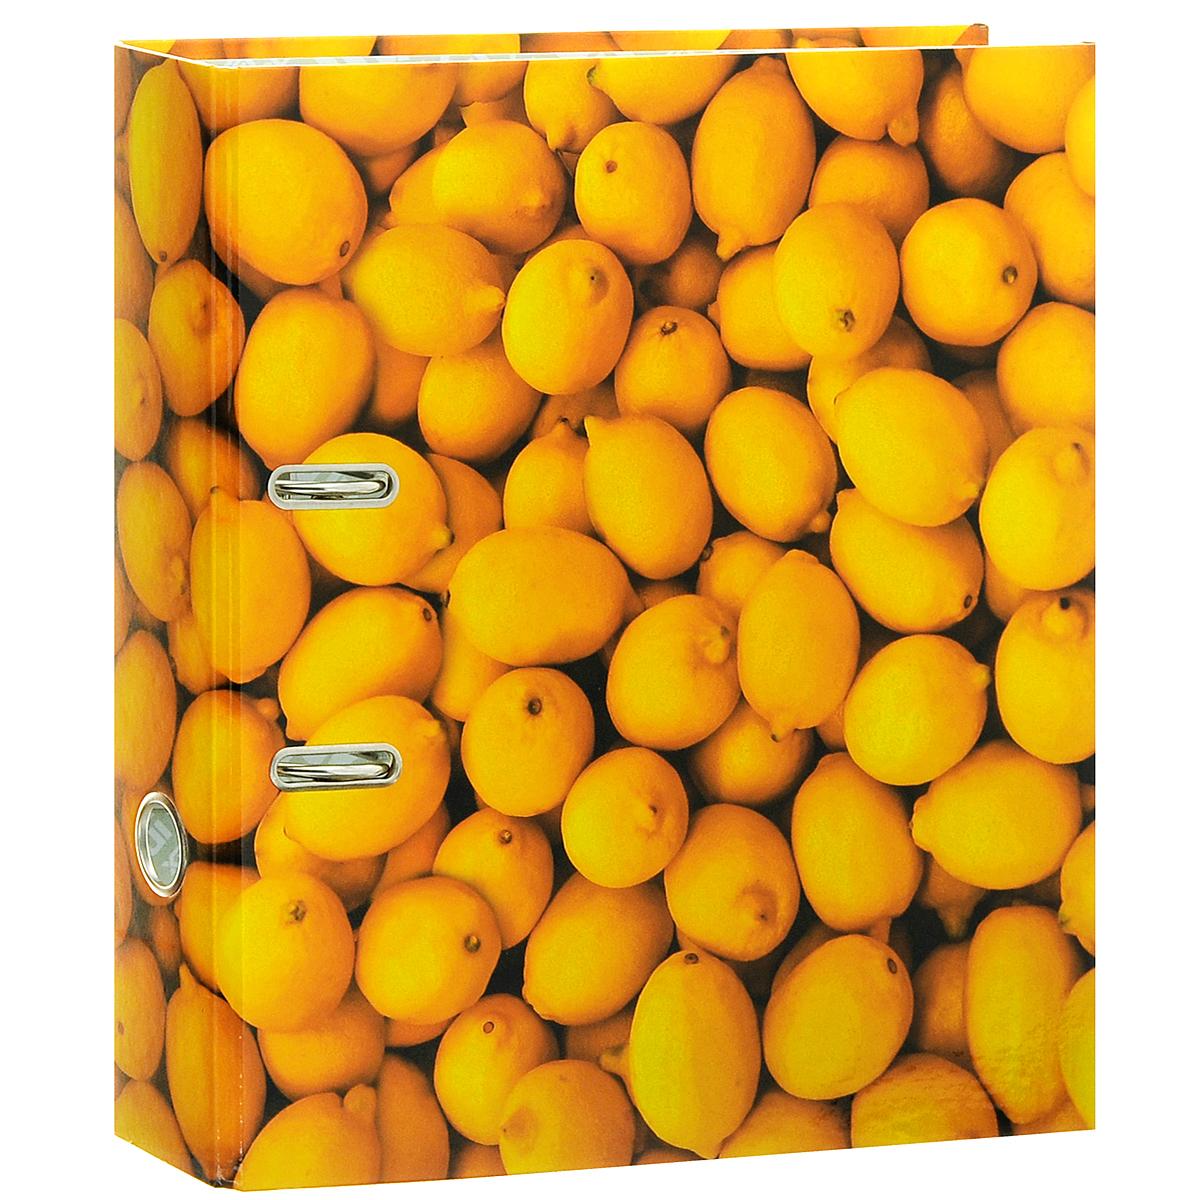 Папка-регистратор Index Лимон, ширина корешка 80 мм, цвет: желтыйIN111106Папка-регистратор Index Лимон незаменима для работы с большими объемами бумаг дома и в офисе. Папка изготовлена из износостойкого высококачественного картона толщиной 2 мм, имеет ламинацию как снаружи, так и внутри. Папка оснащена прочным металлическим арочным механизмом, обеспечивающим надежную фиксацию перфорированных бумаг и документов формата А4. Для папки используется фурнитура только европейского производства. На торце папки расположено металлическое кольцо для удобства использования. Обложка папки оформлена красочным изображением спелых лимонов.Папка-регистратор станет вашим надежным помощником, она упростит работу с бумагами и документами и защитит их от повреждения, пыли и влаги.